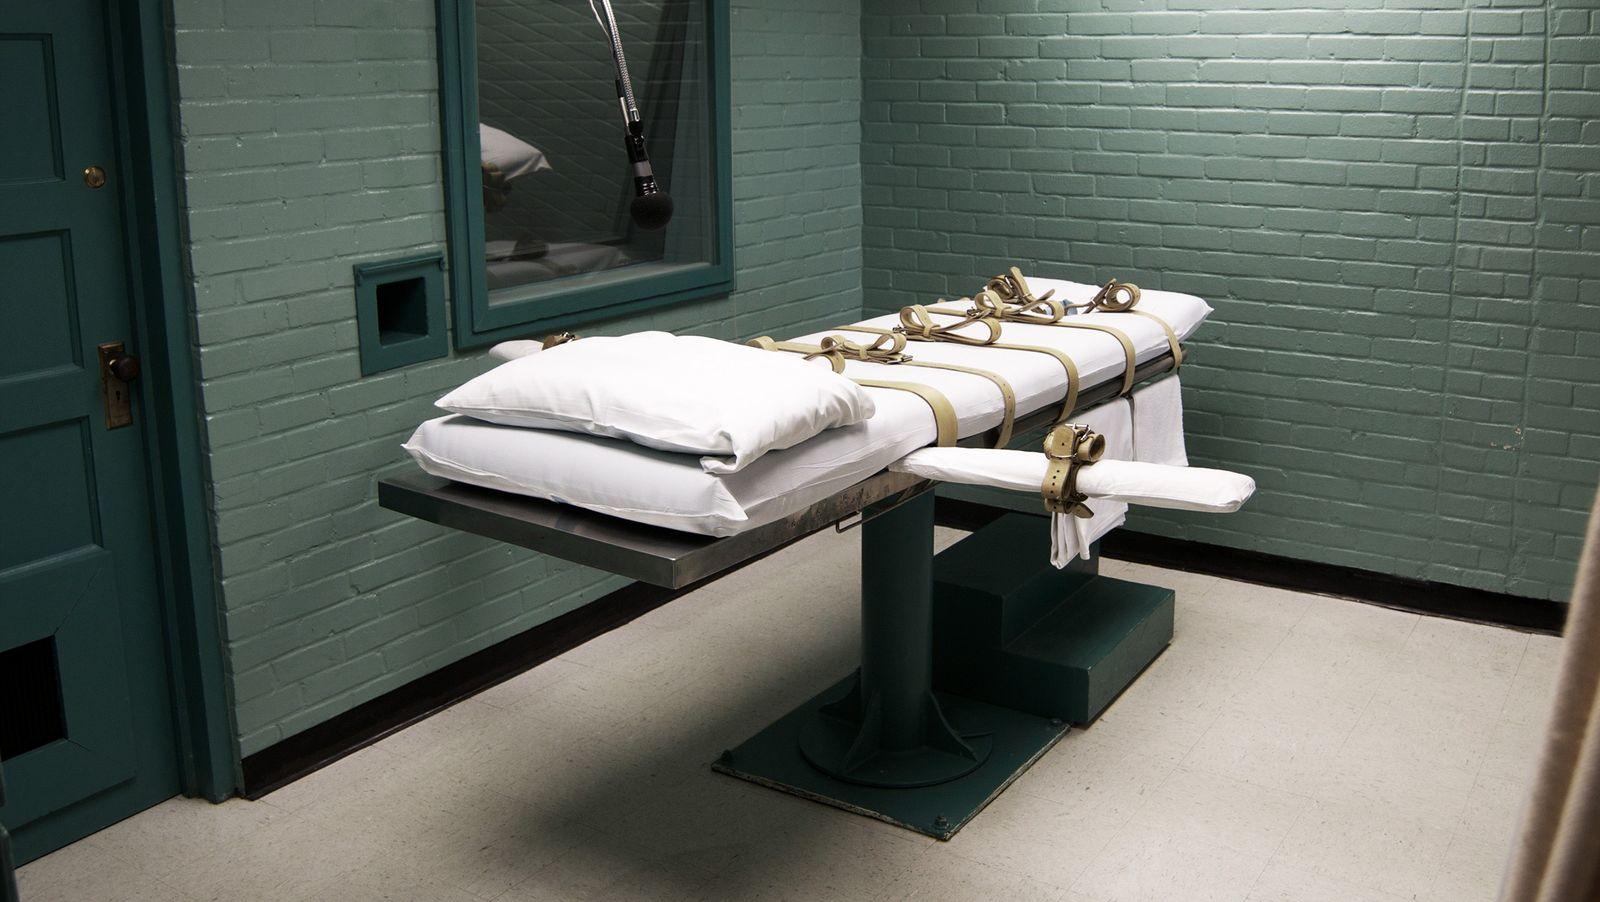 Plongée dans les couloirs de la mort - Reportages